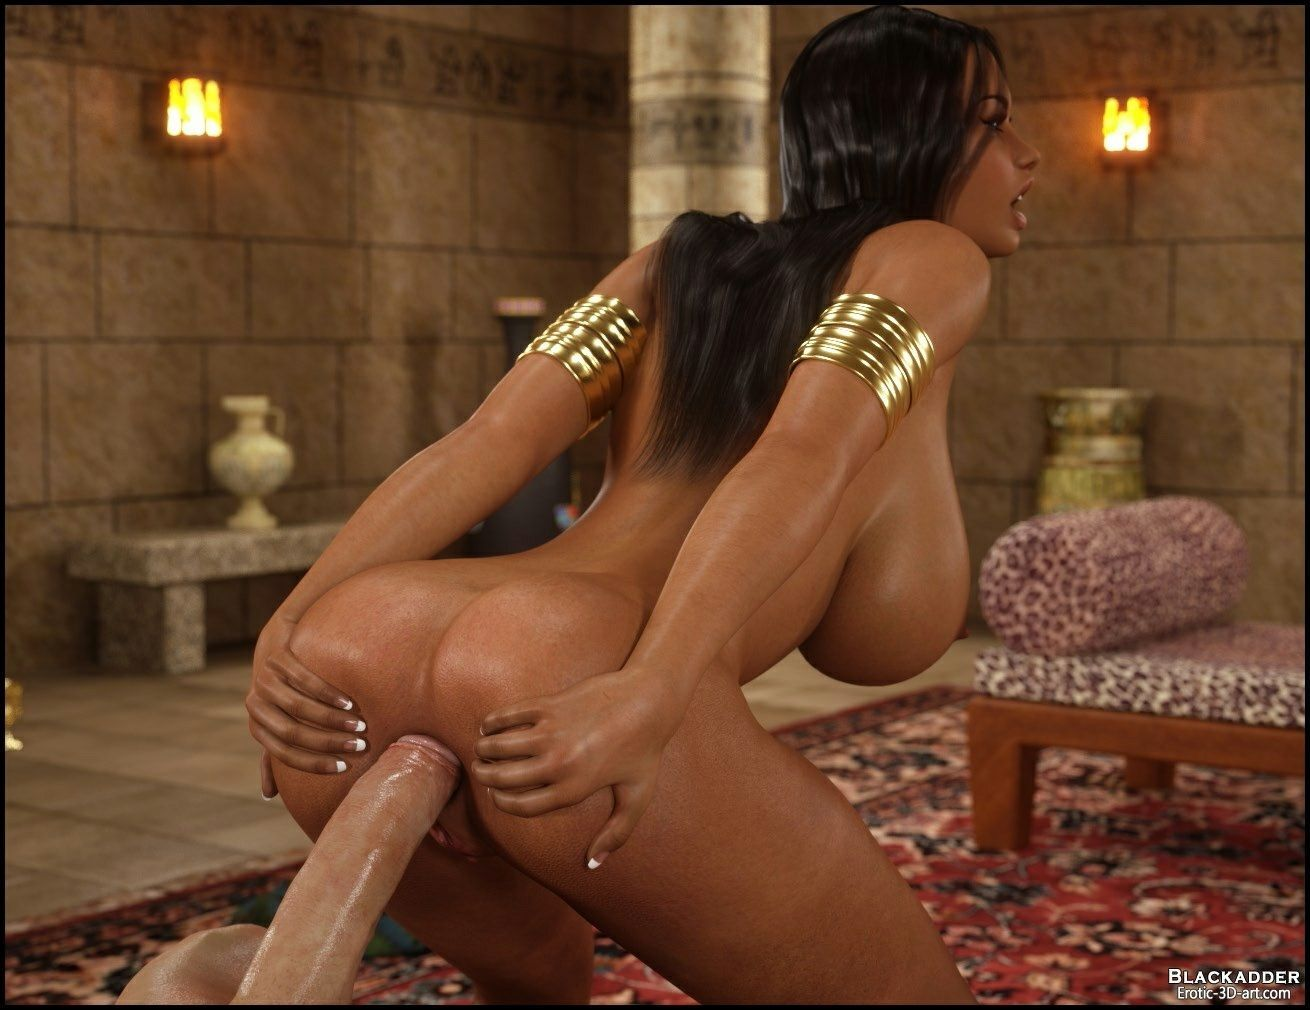 Смотреть порно секс древних людей, Сексуальная жизнь древних людей Секс в древности 7 фотография